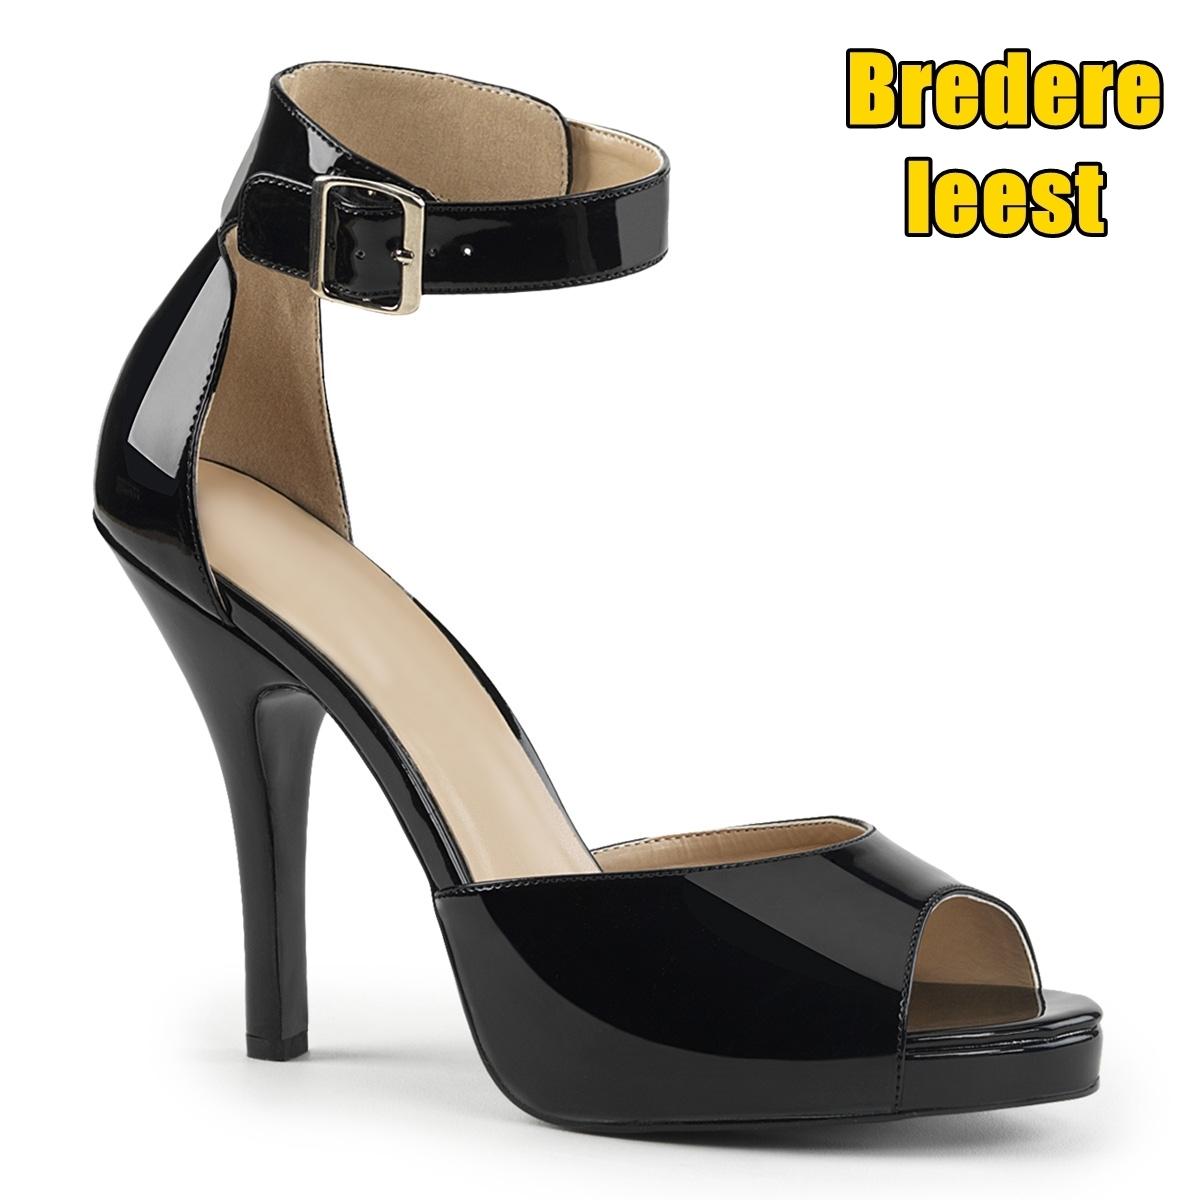 Zwarte sandalen met naaldhak voor grote brede voeten